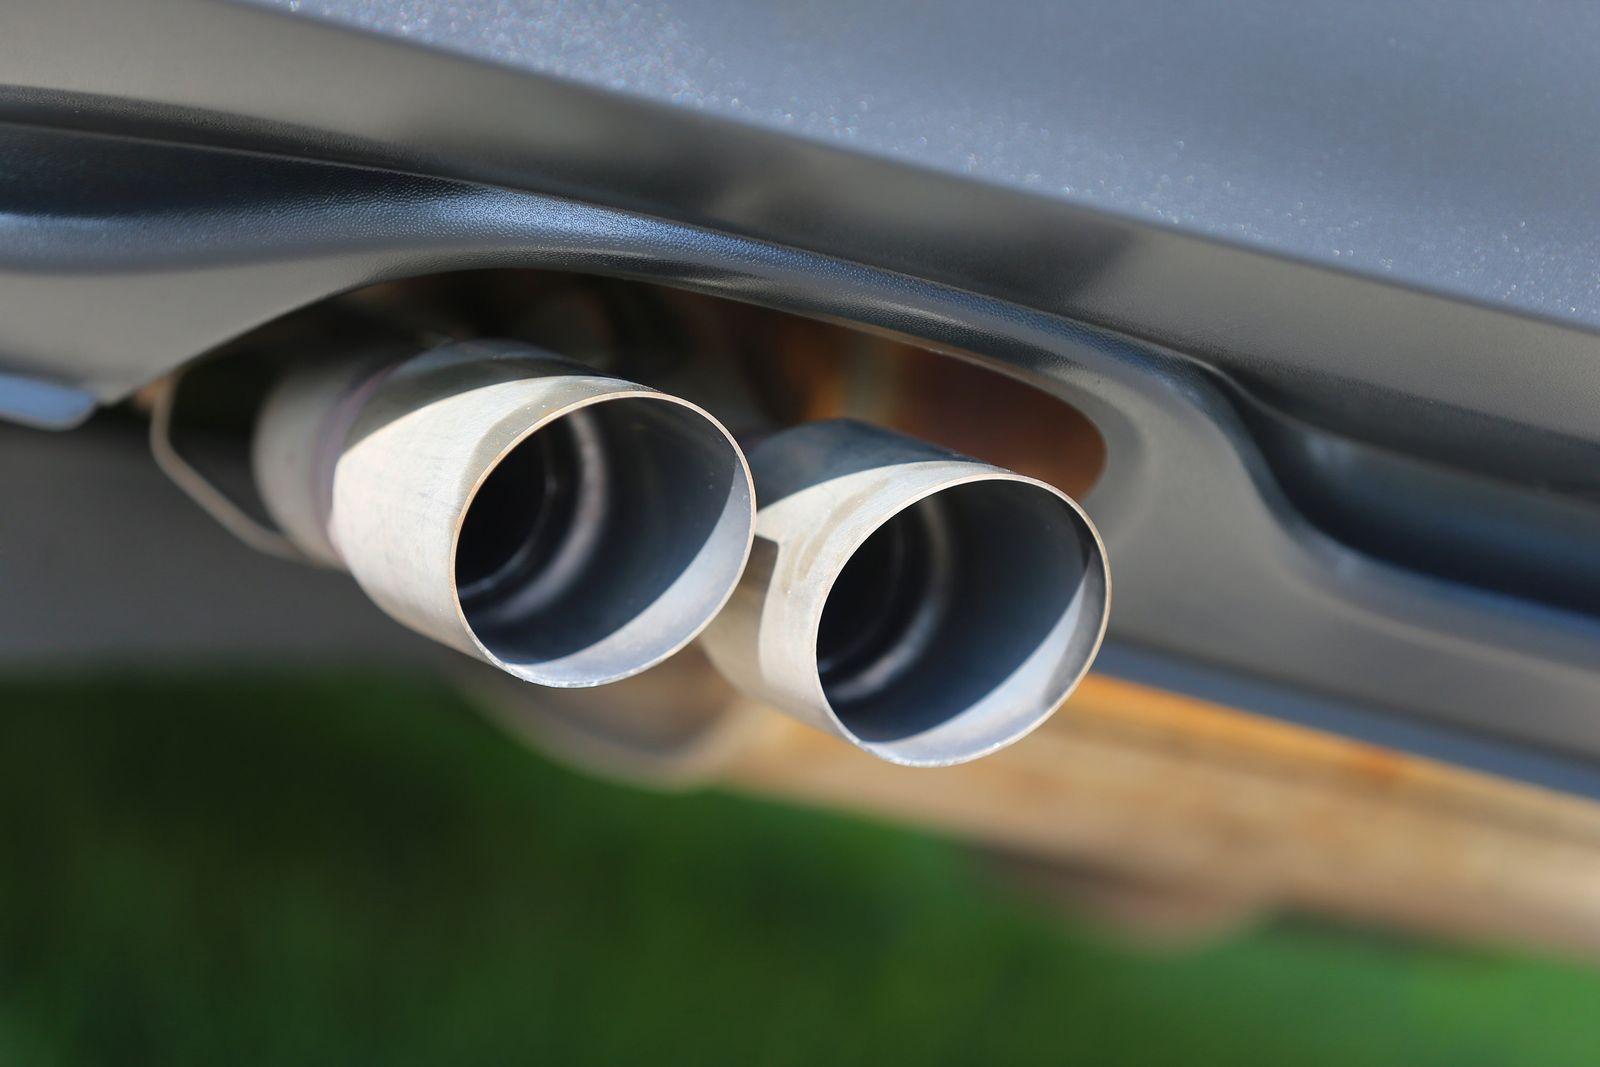 Auspuff eines VW Dieselautos